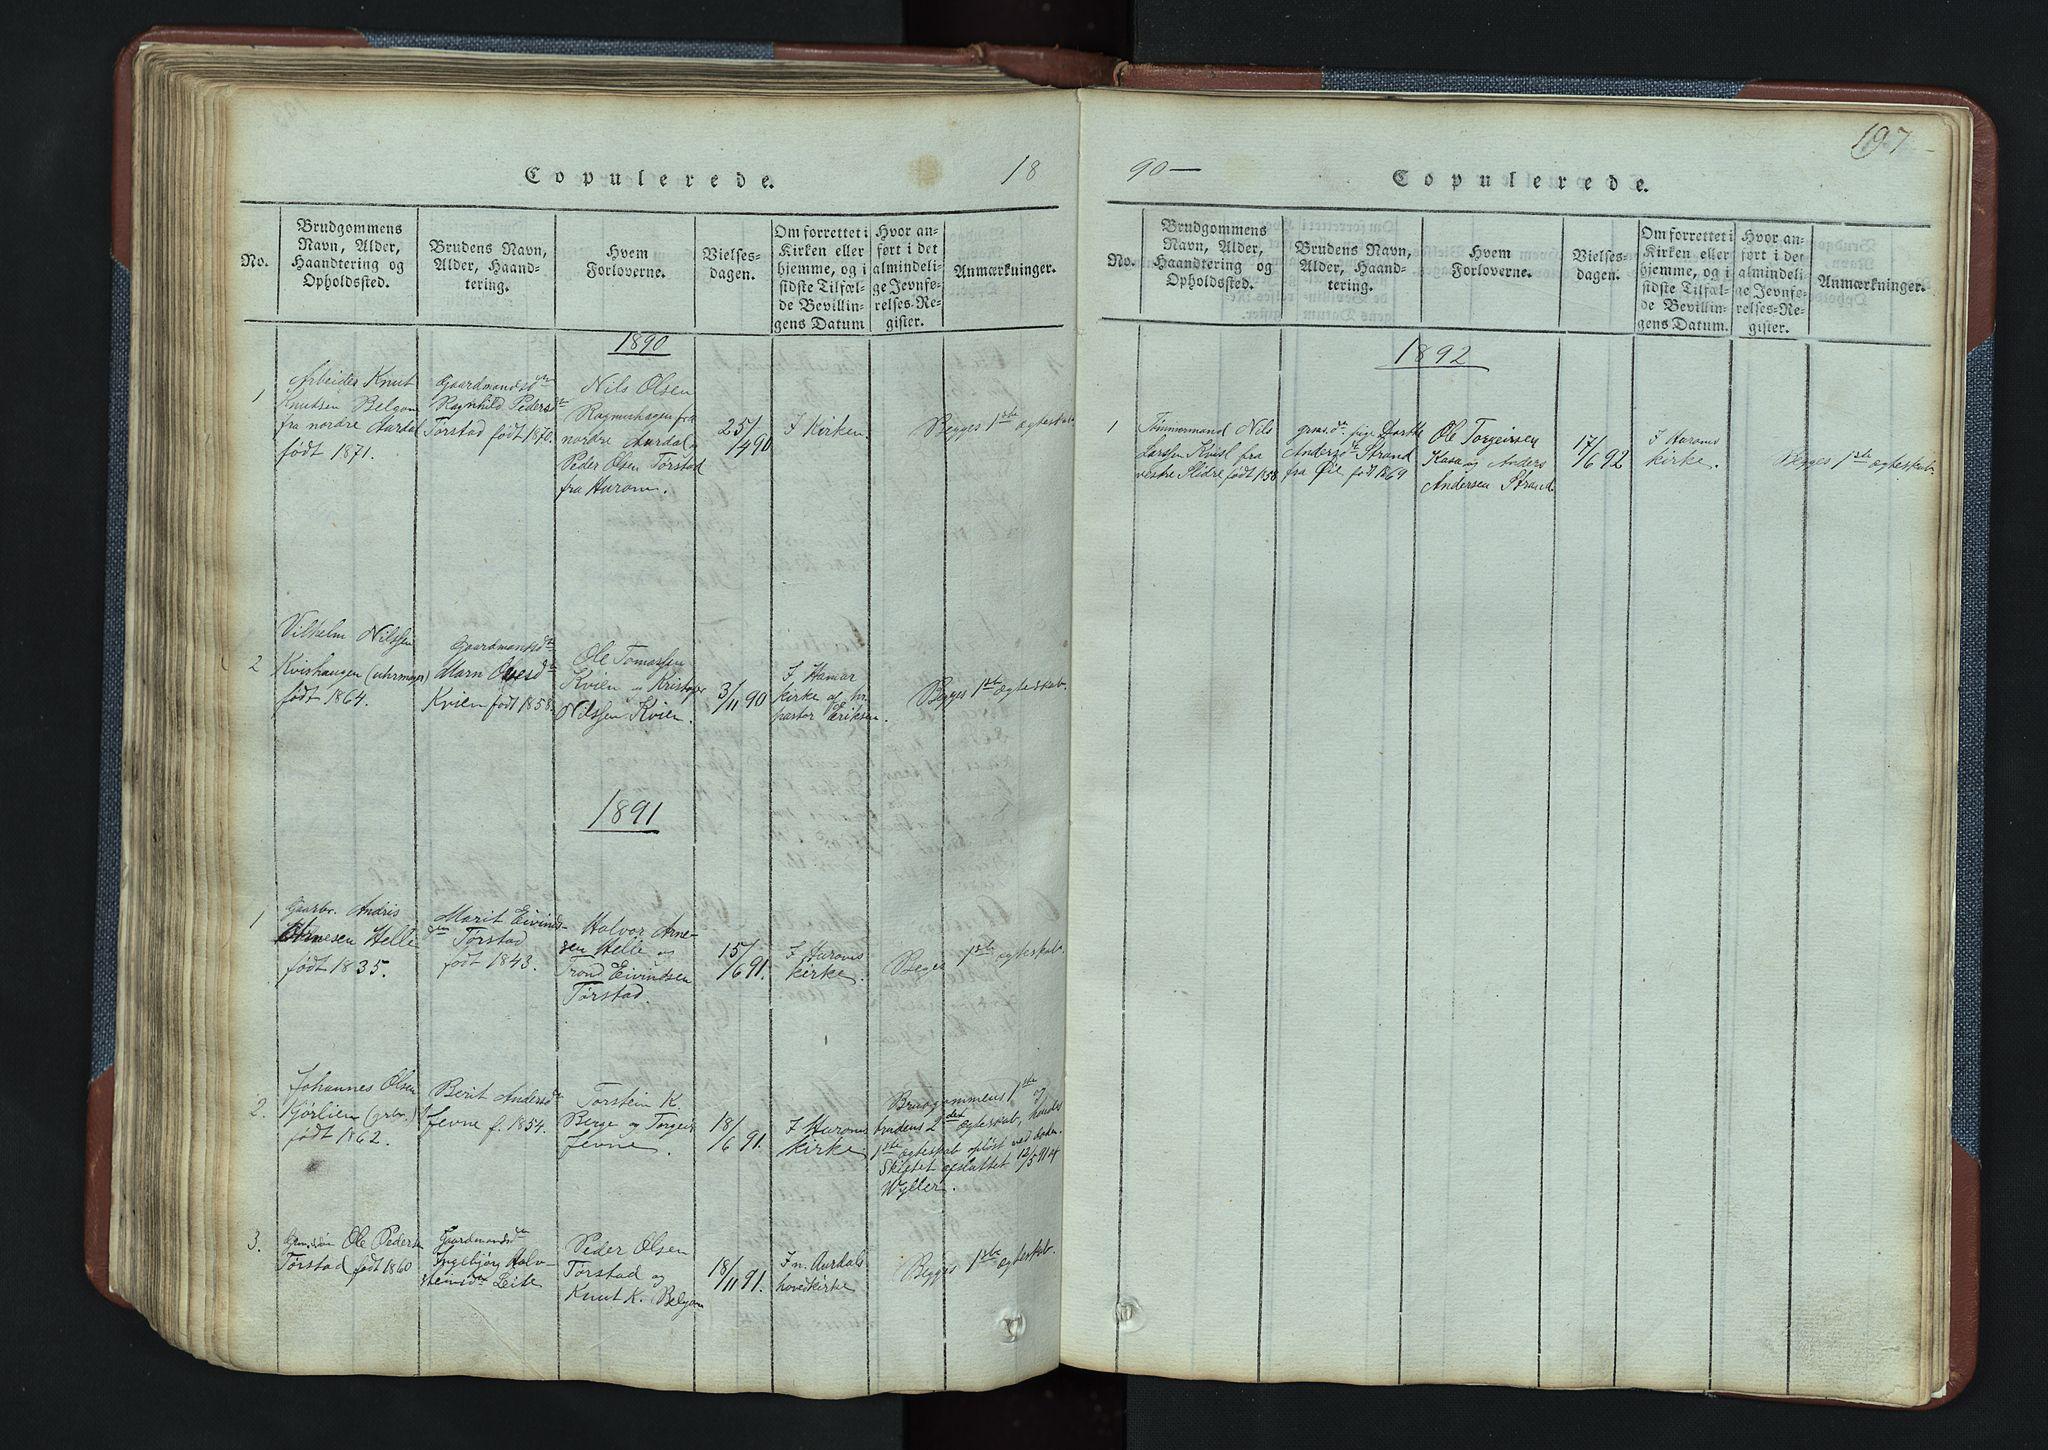 SAH, Vang prestekontor, Valdres, Klokkerbok nr. 3, 1814-1892, s. 197